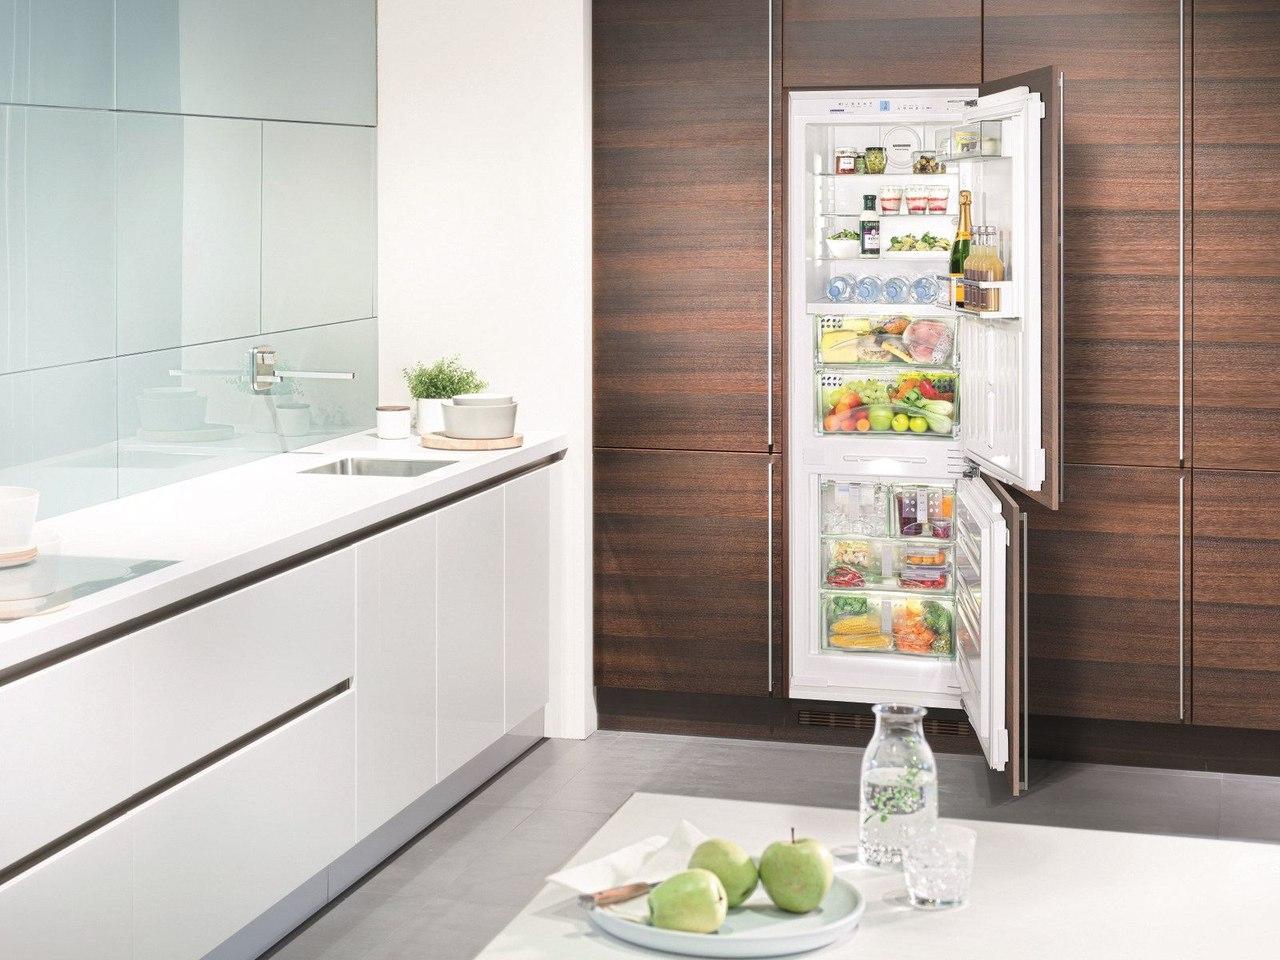 Vestfrost. Европейское имя, долговечность и комфортный быт - встраиваемый холодильник в интерьере